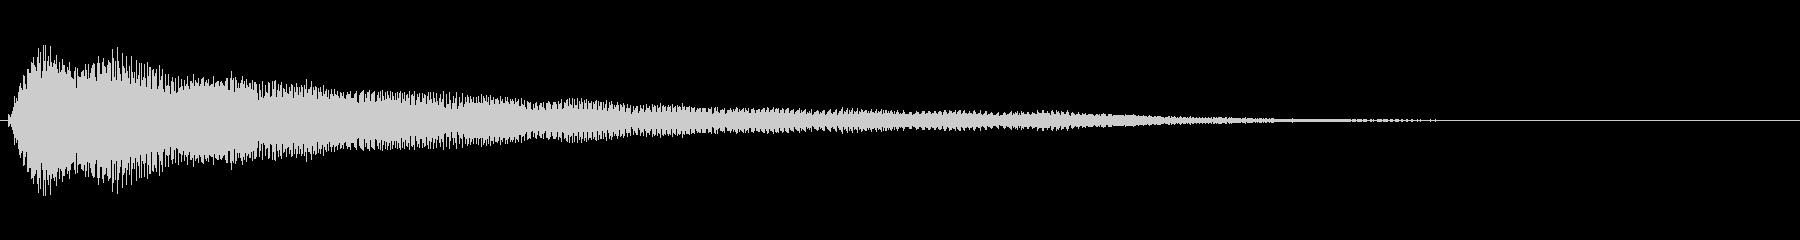 残念・失敗・呆れ・コミカル Low-8の未再生の波形